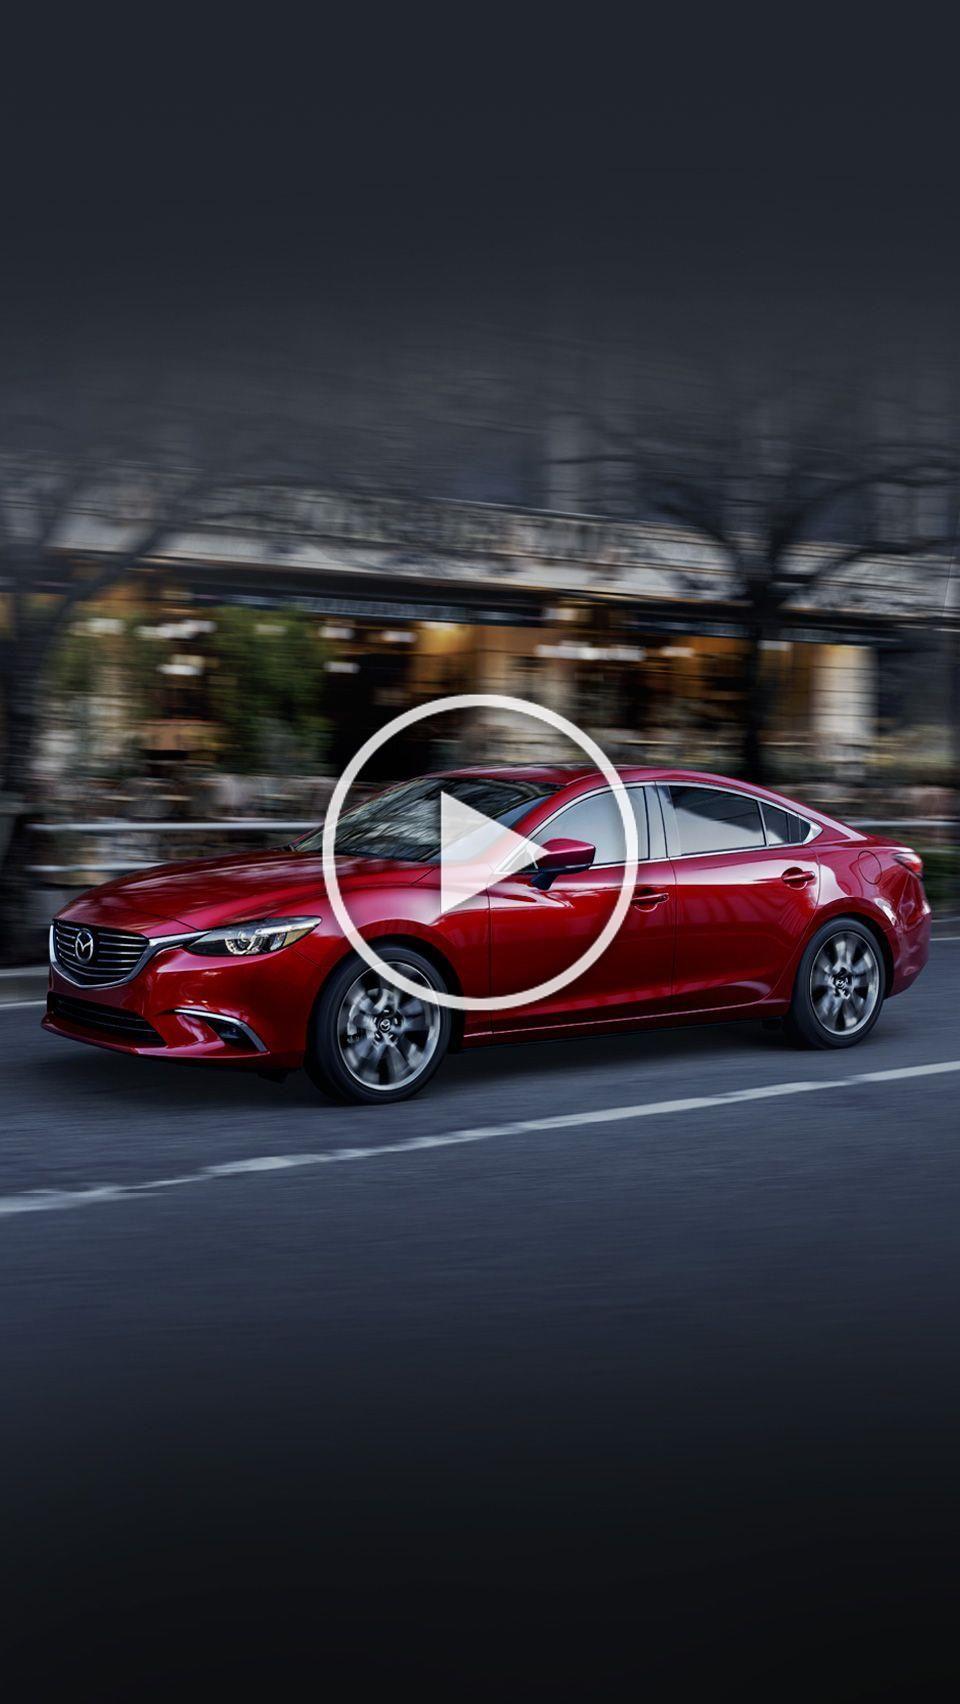 2017 Mazda 6 Sports Sedan Mid Size Cars Mazda USA in